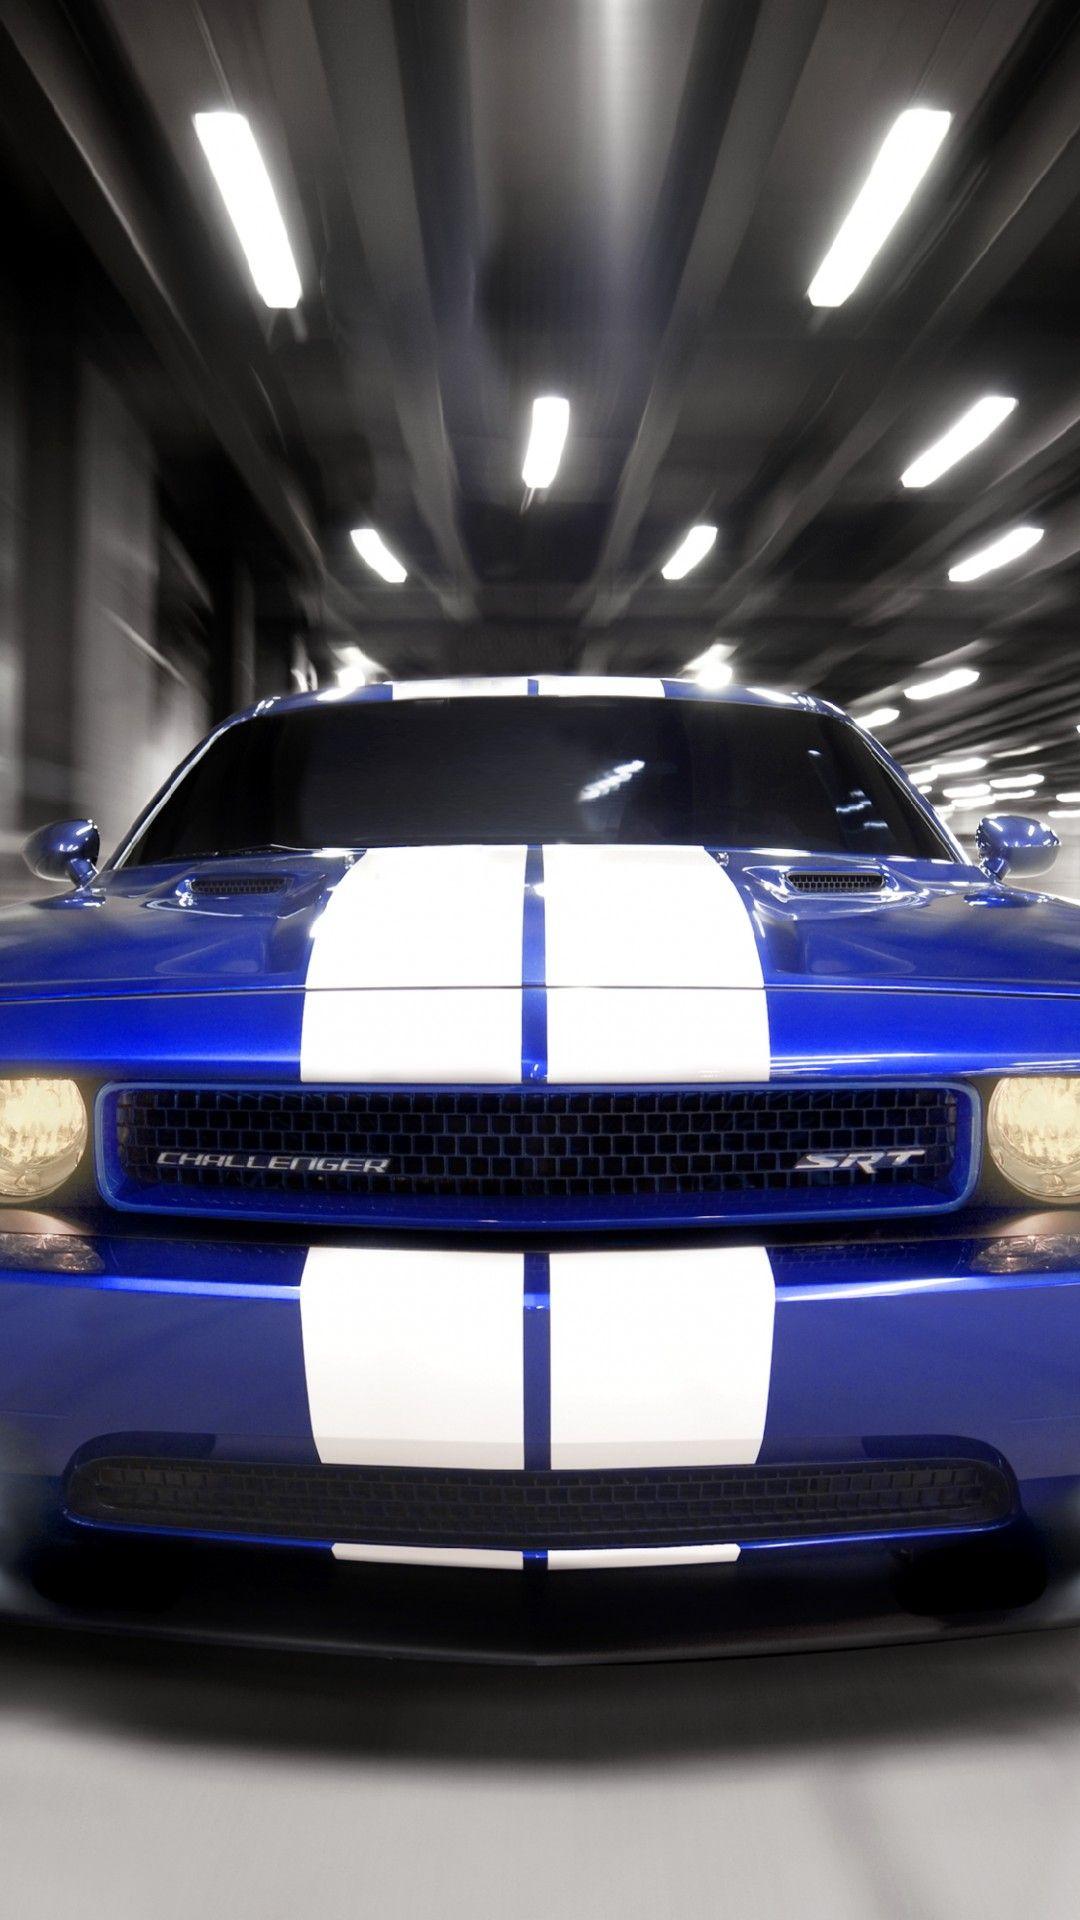 Dodge Challenger Srt Iphone Plus Wallpaper Hd Automotive